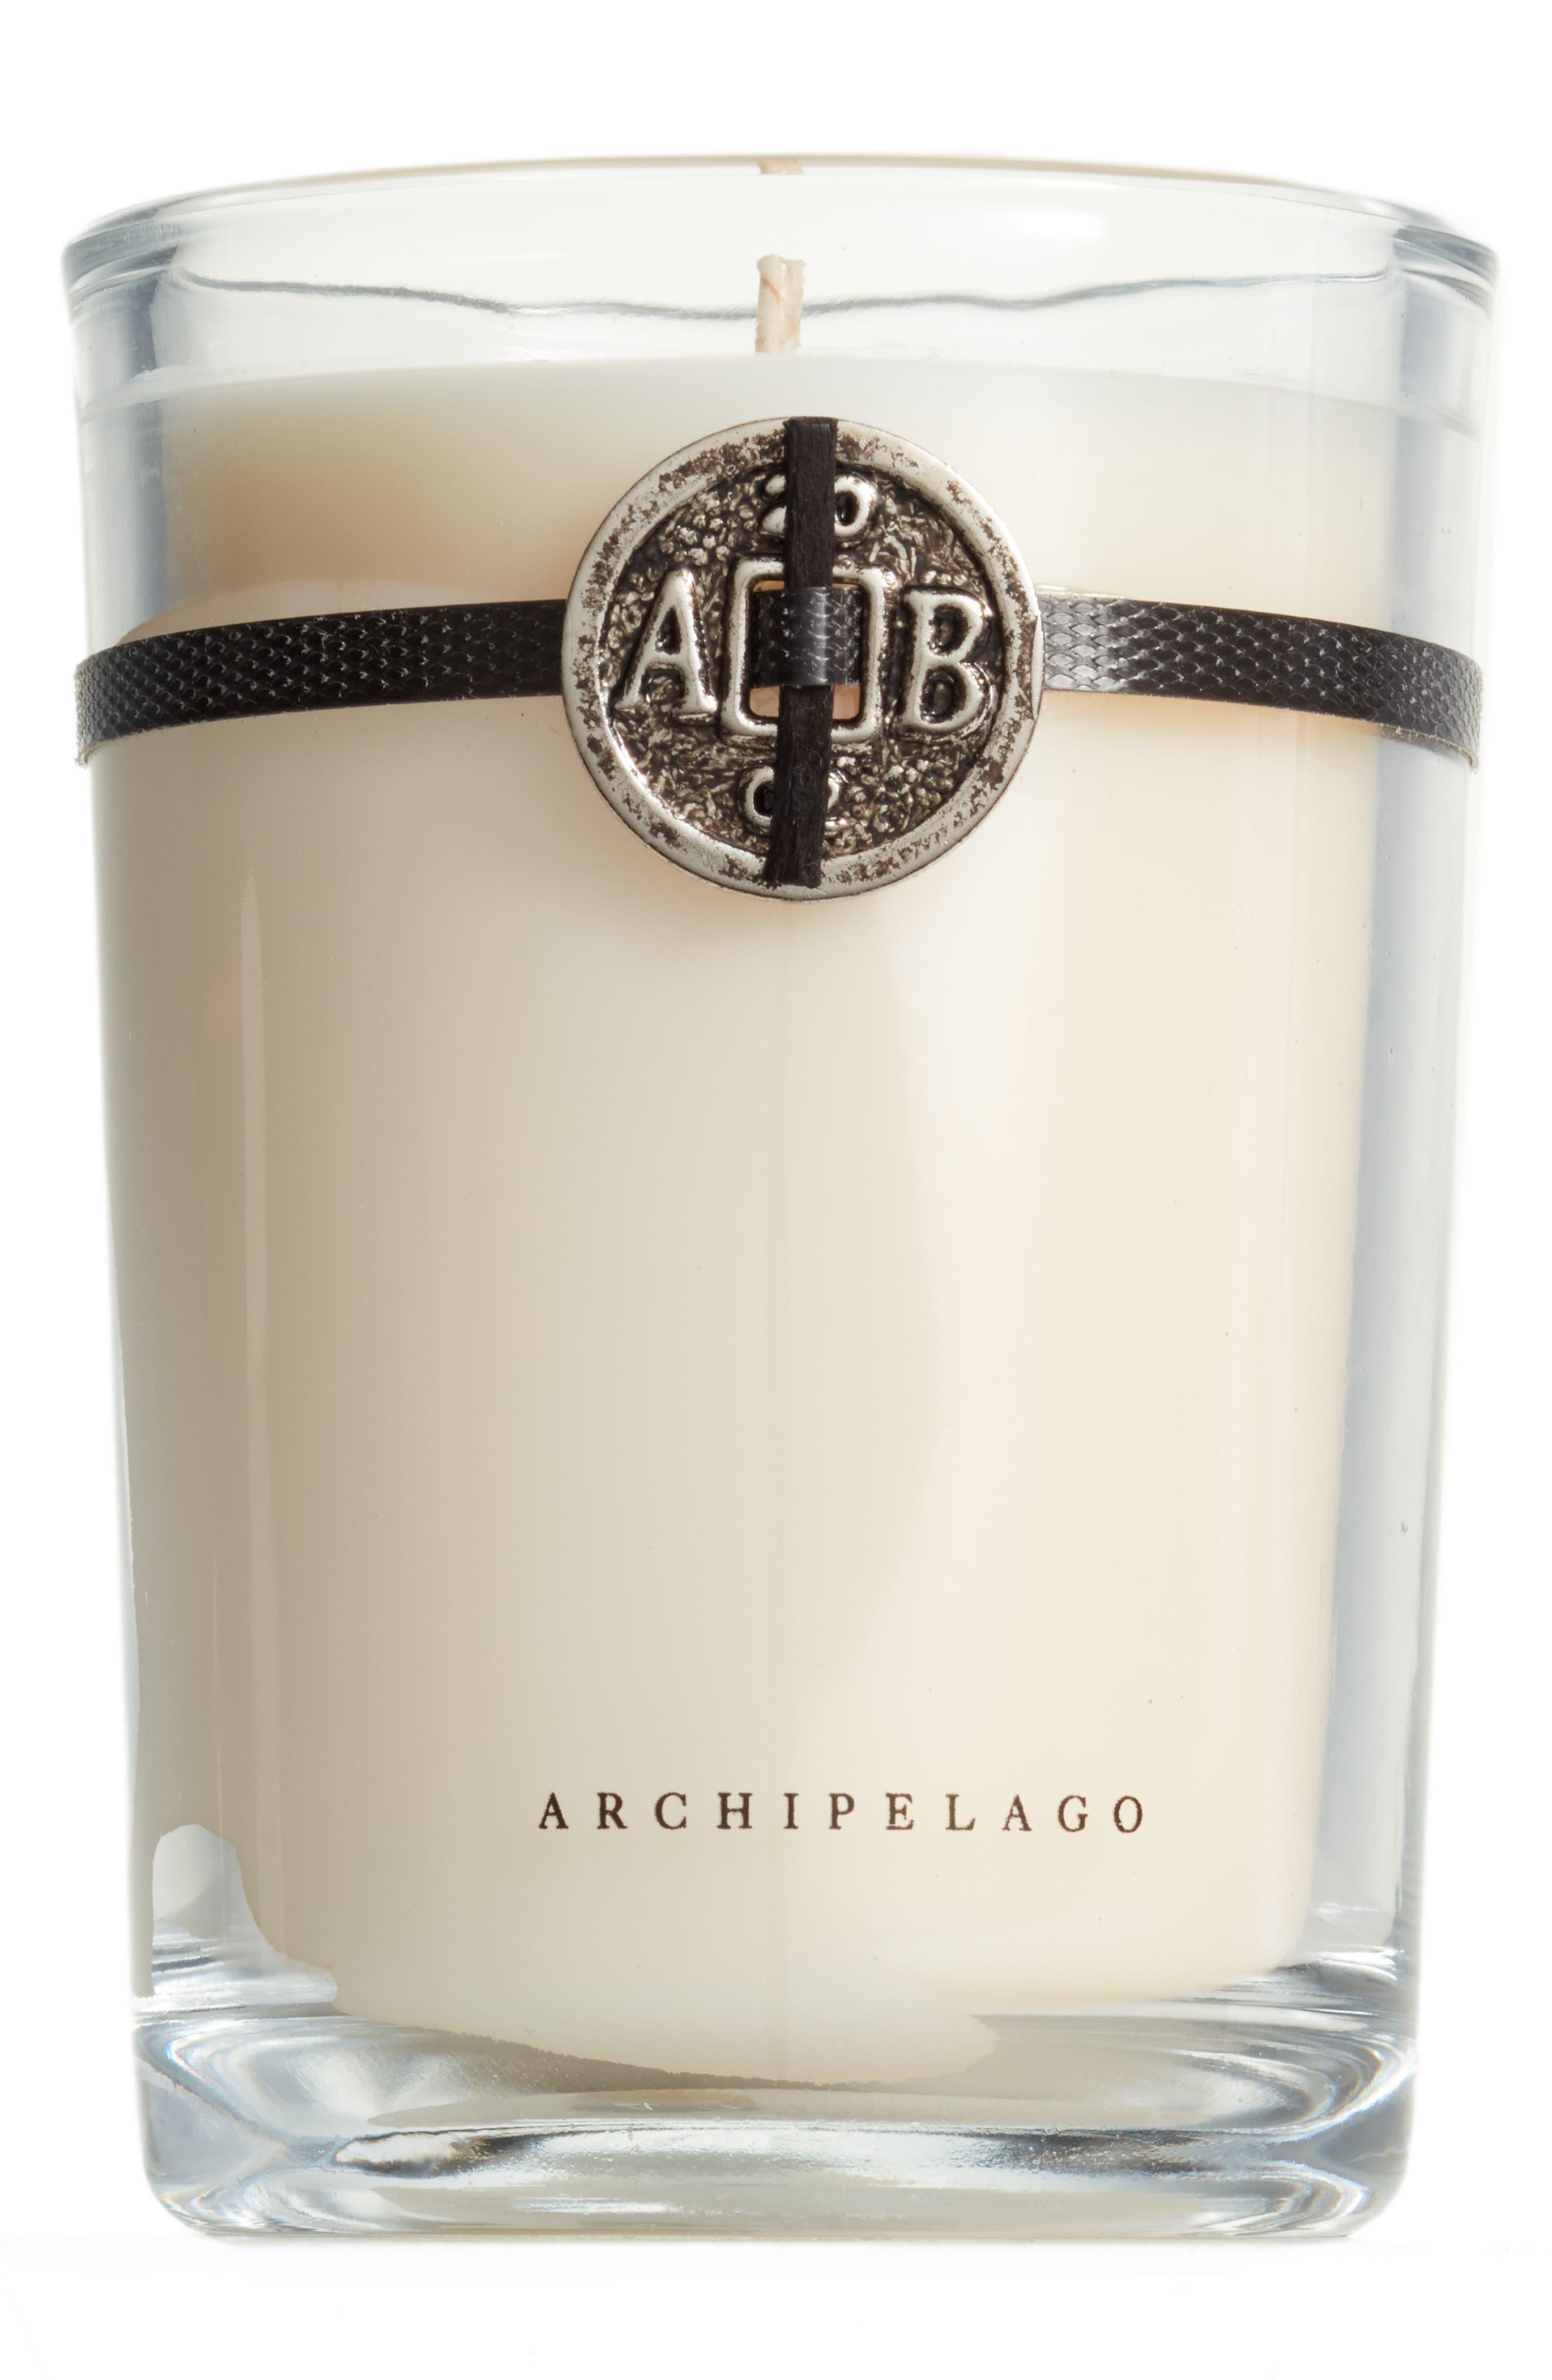 Archipelago Botanicals Signature Soy Wax Candle